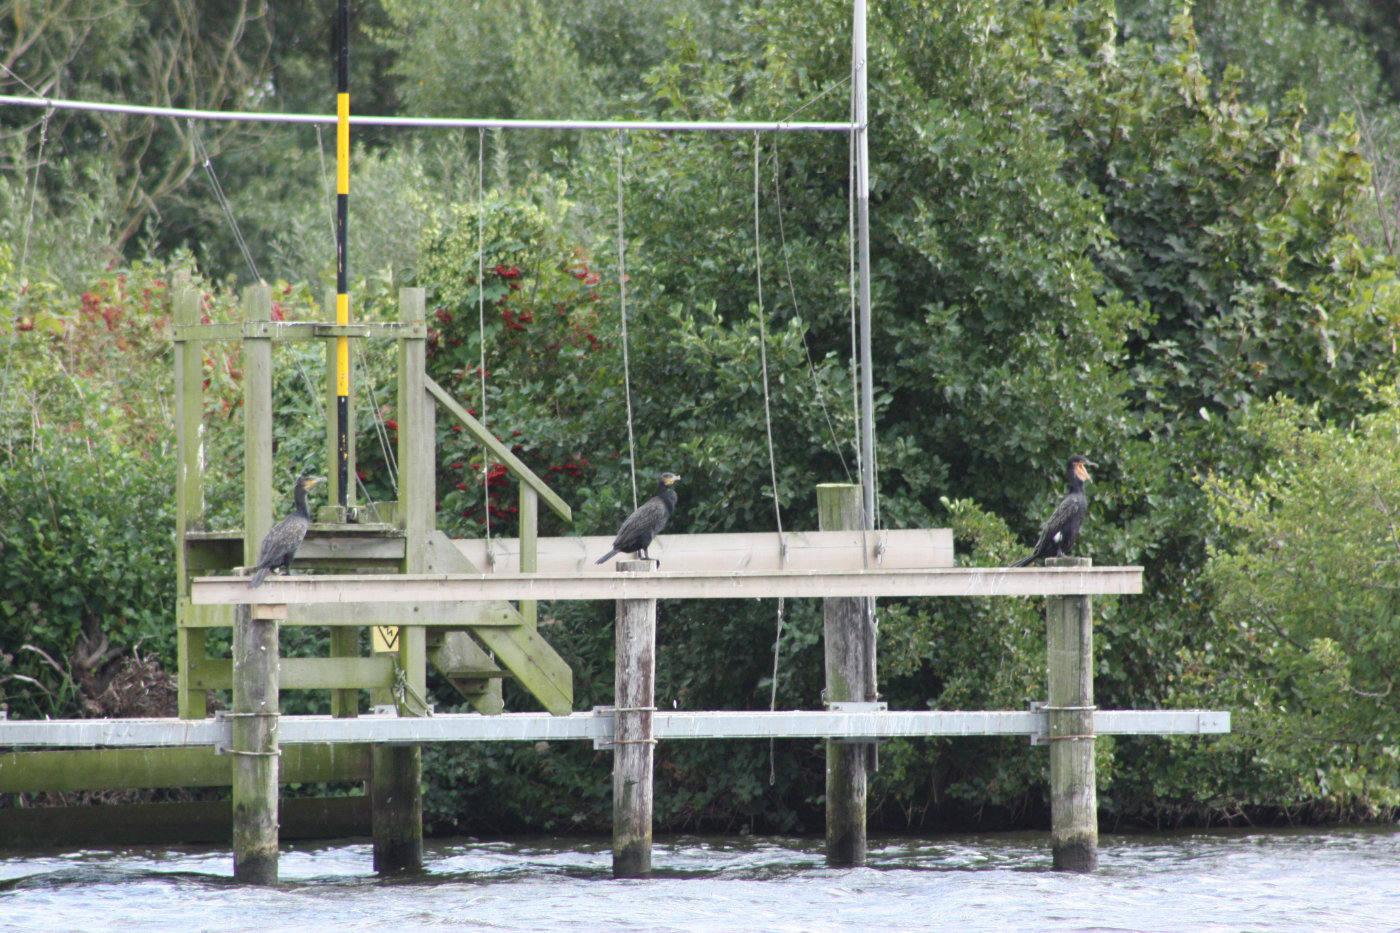 3 cormorants